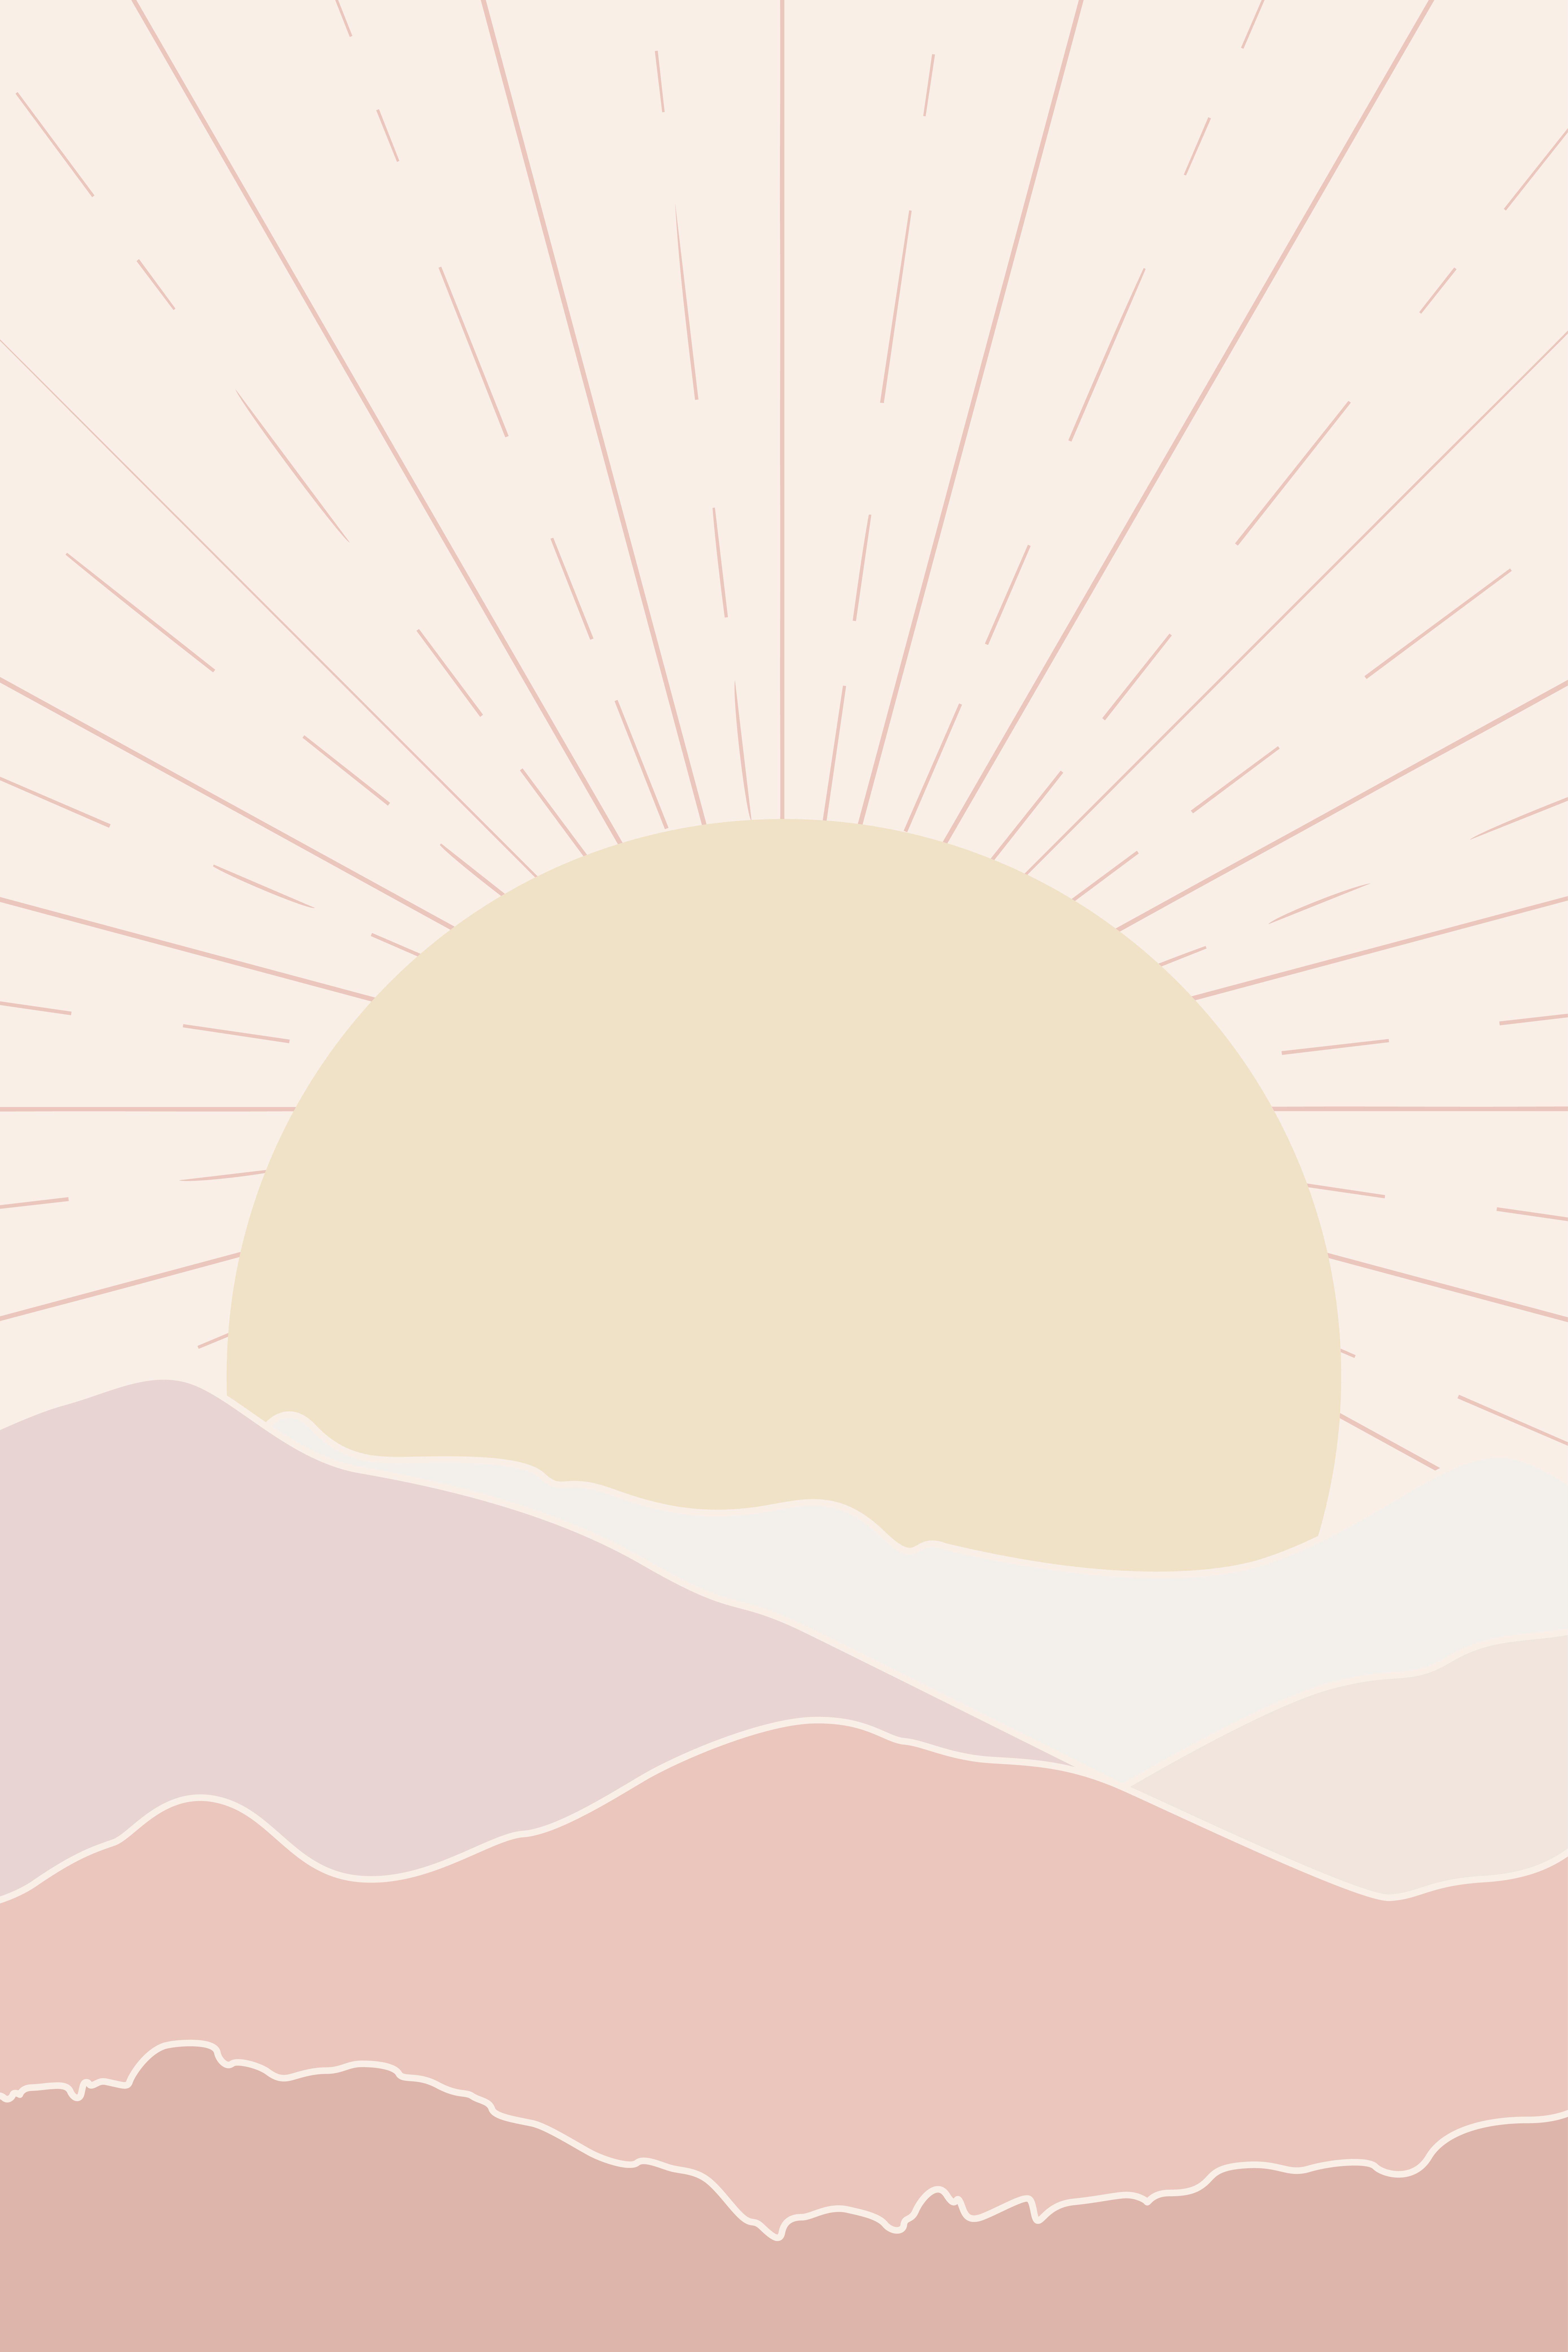 Sunset Landscape Art Print In 2020 Abstract Wallpaper Design Sunset Wall Art Etsy Wall Art